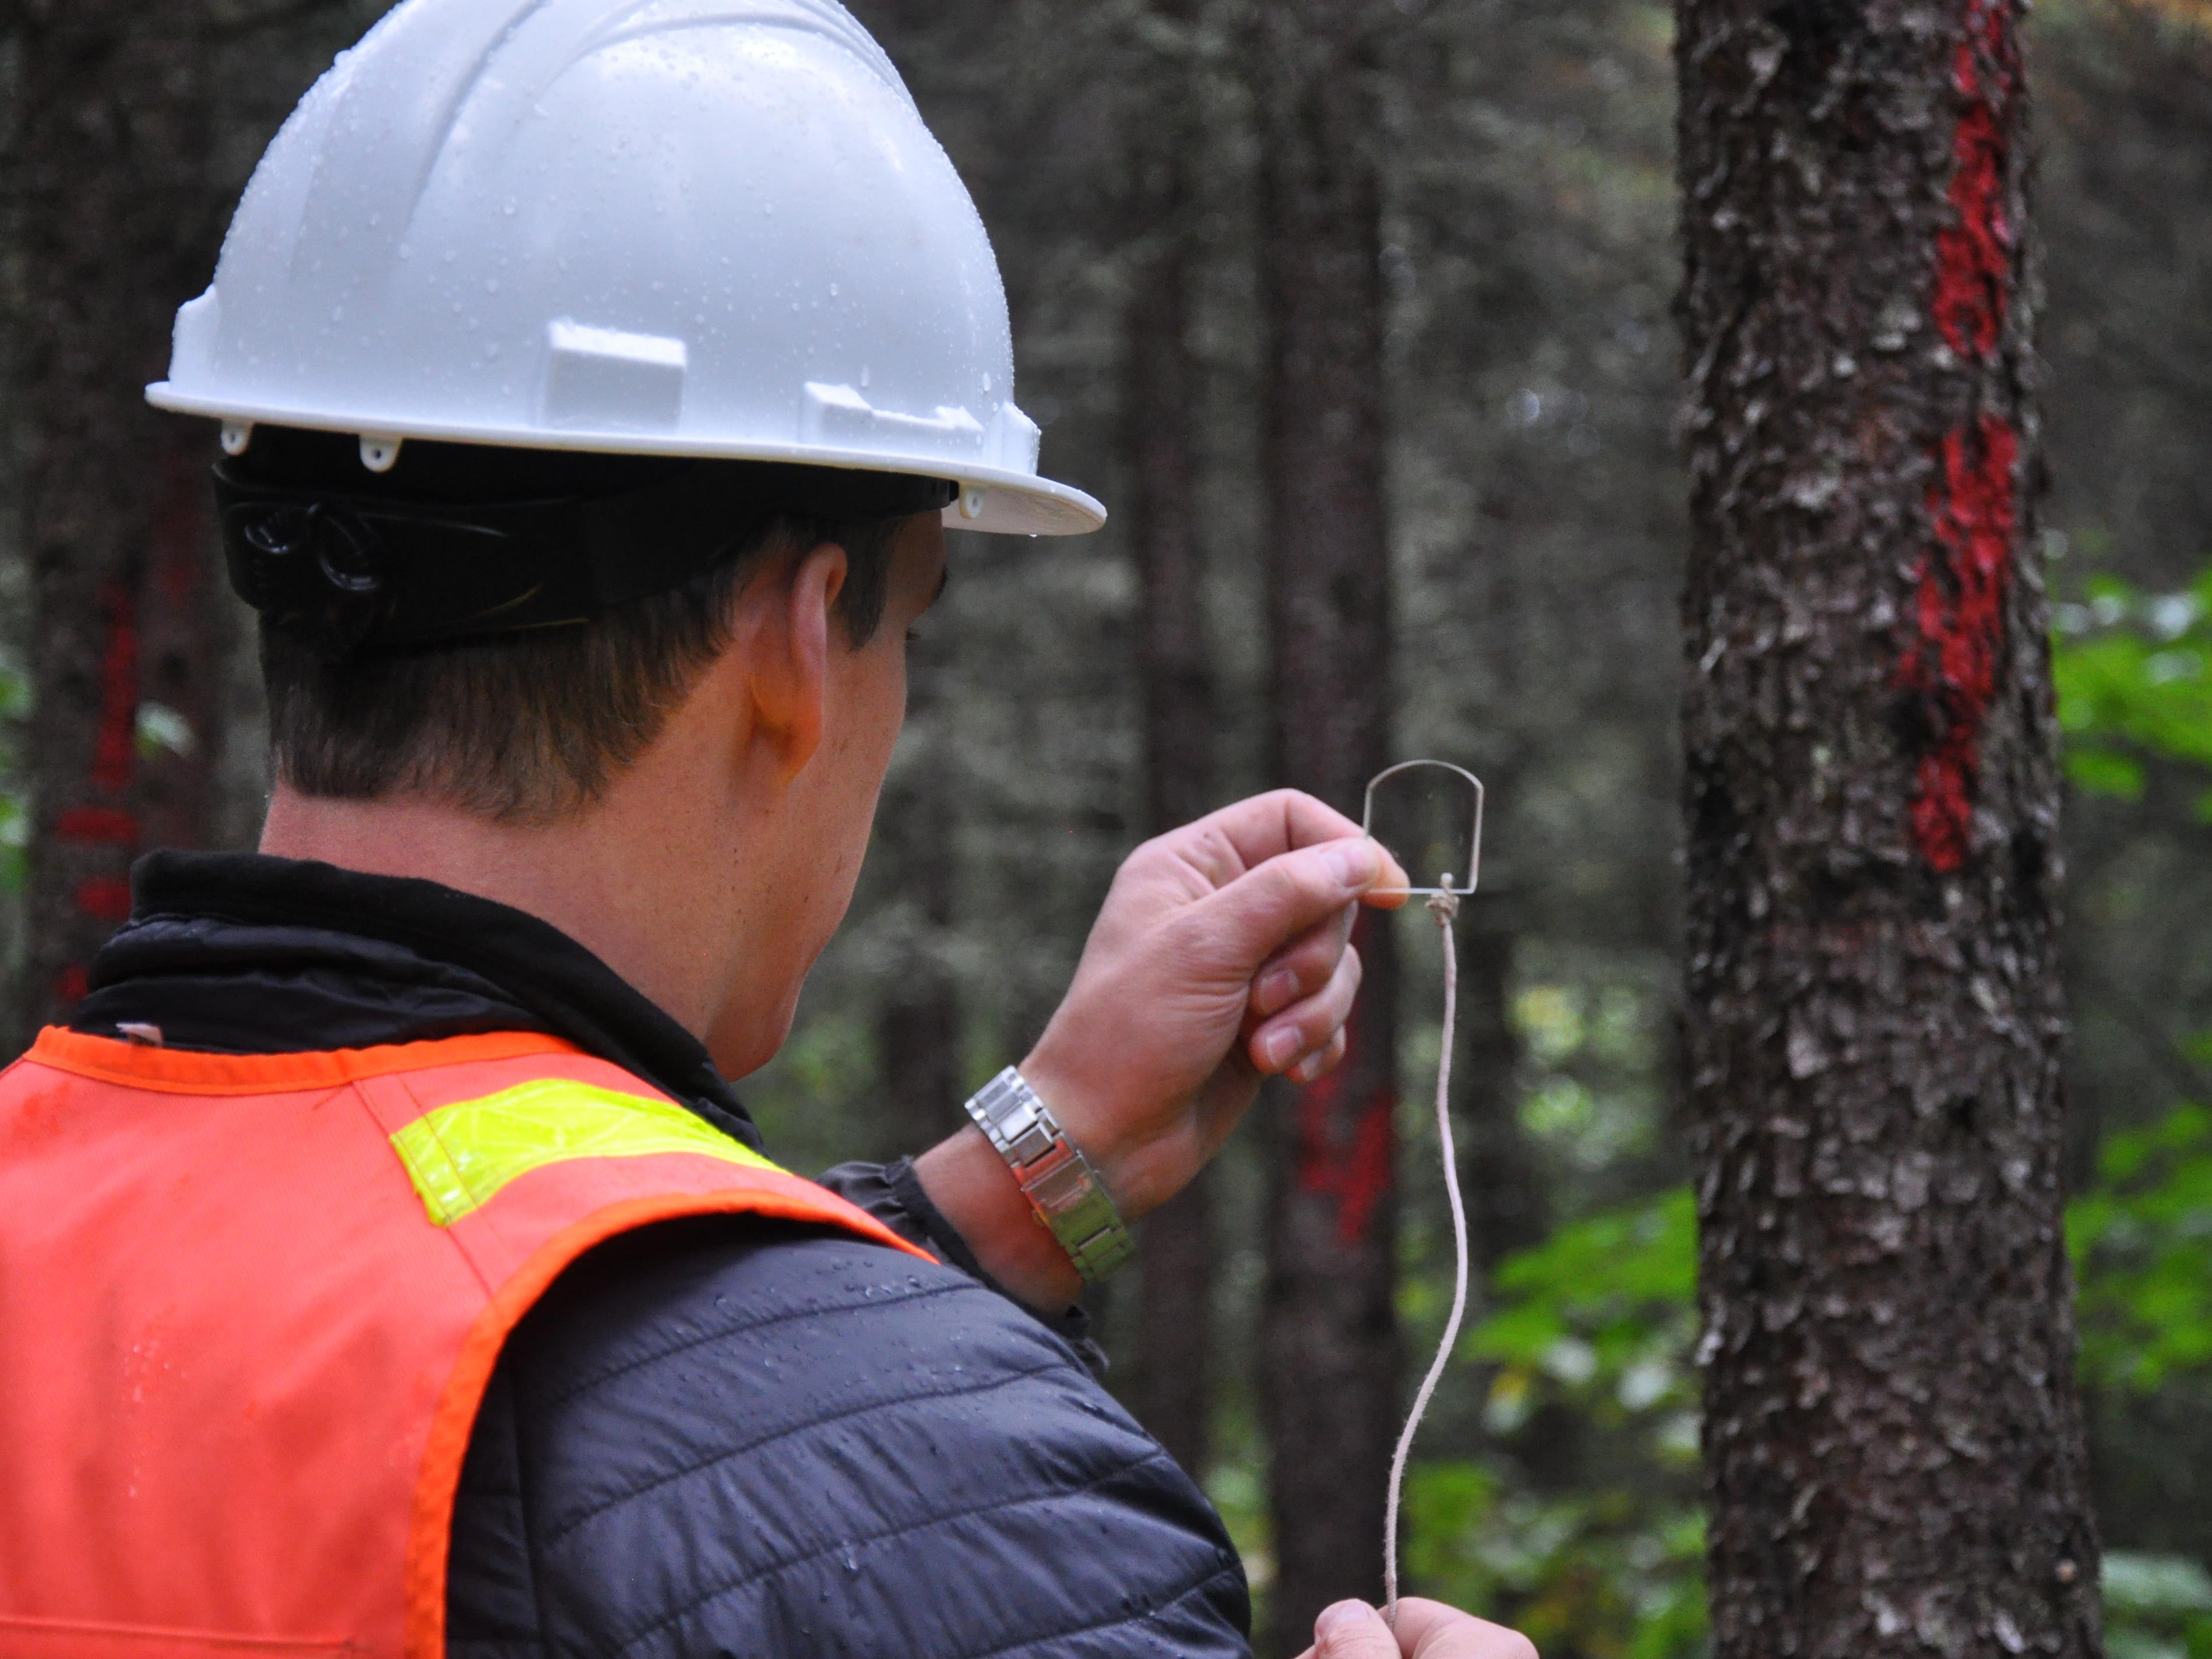 Un employé du ministère, de dos, regarde dans un bout de verre le tronc d'un arbre.